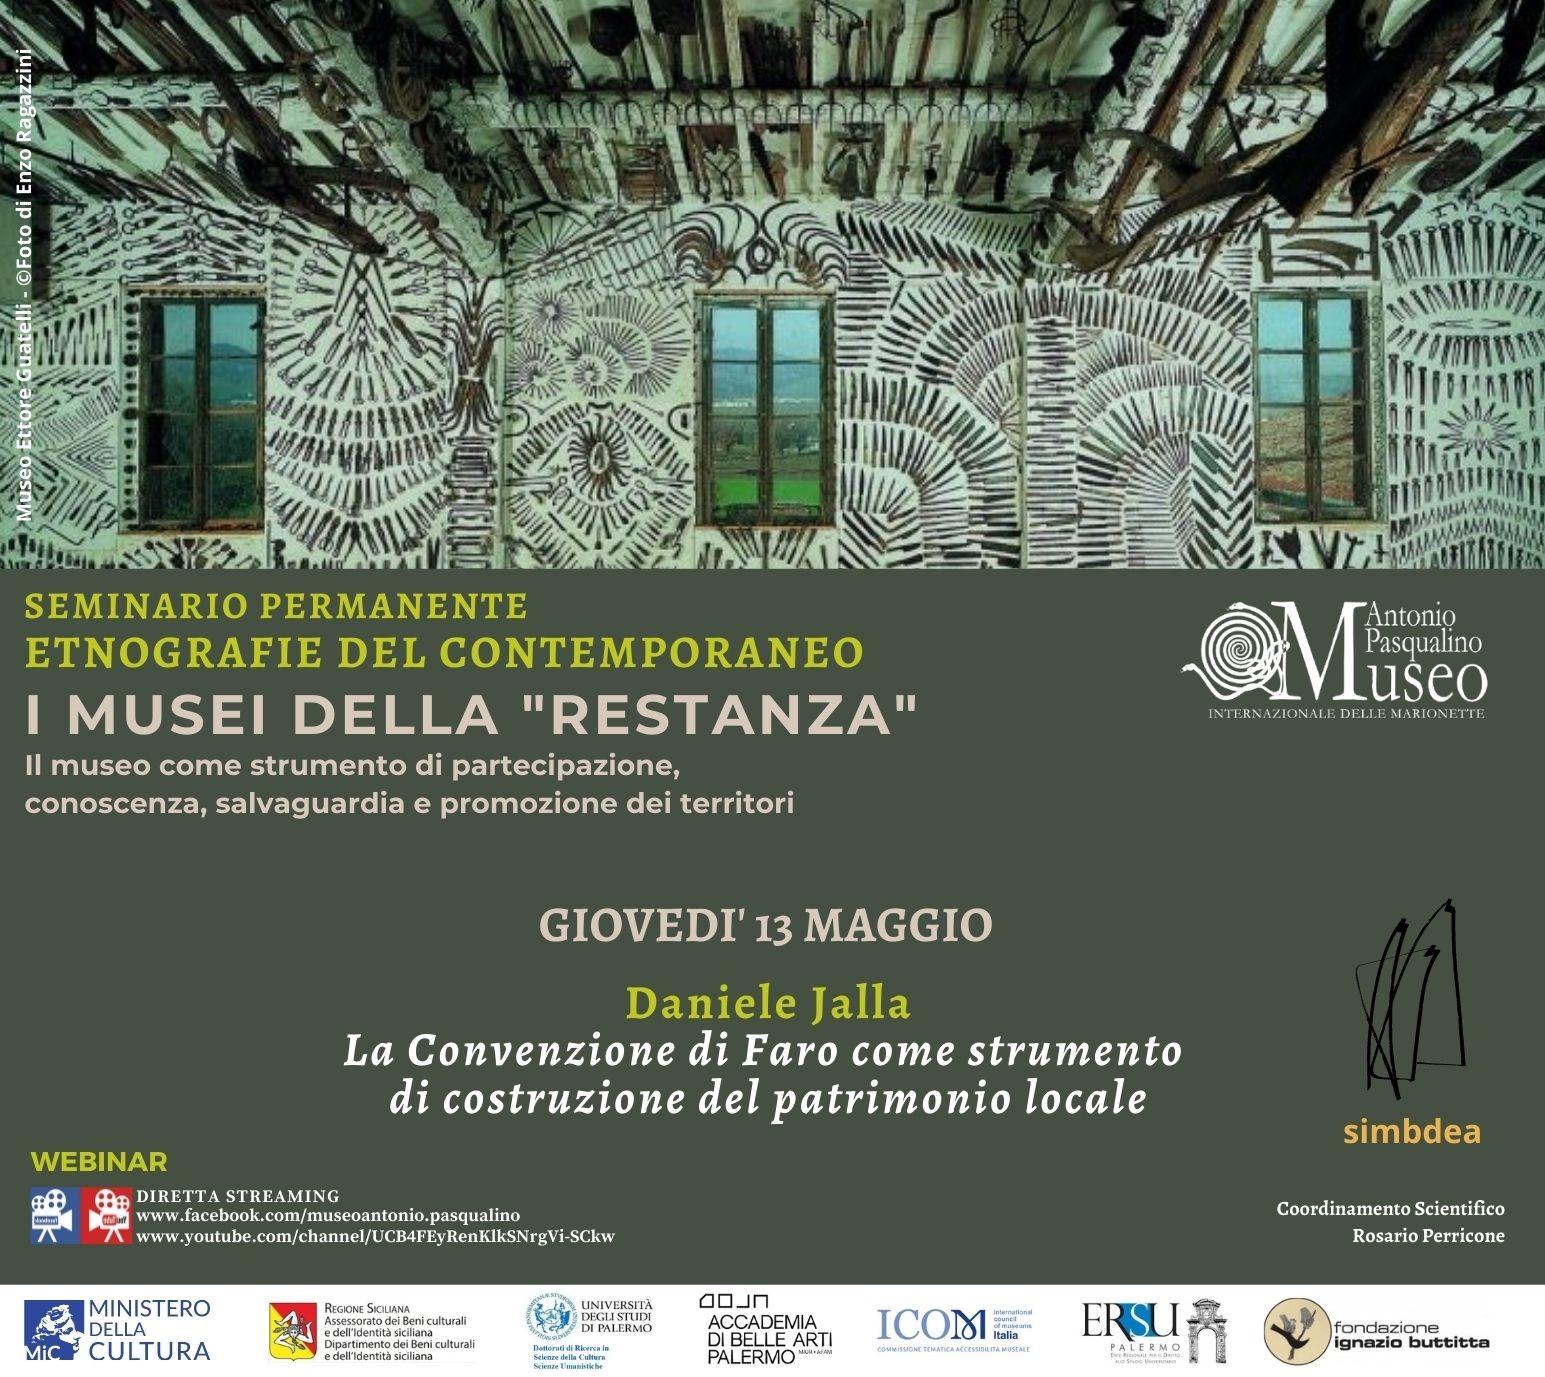 Musei_della_restanza__incontro_13_maggio.jpg - 520.85 kB